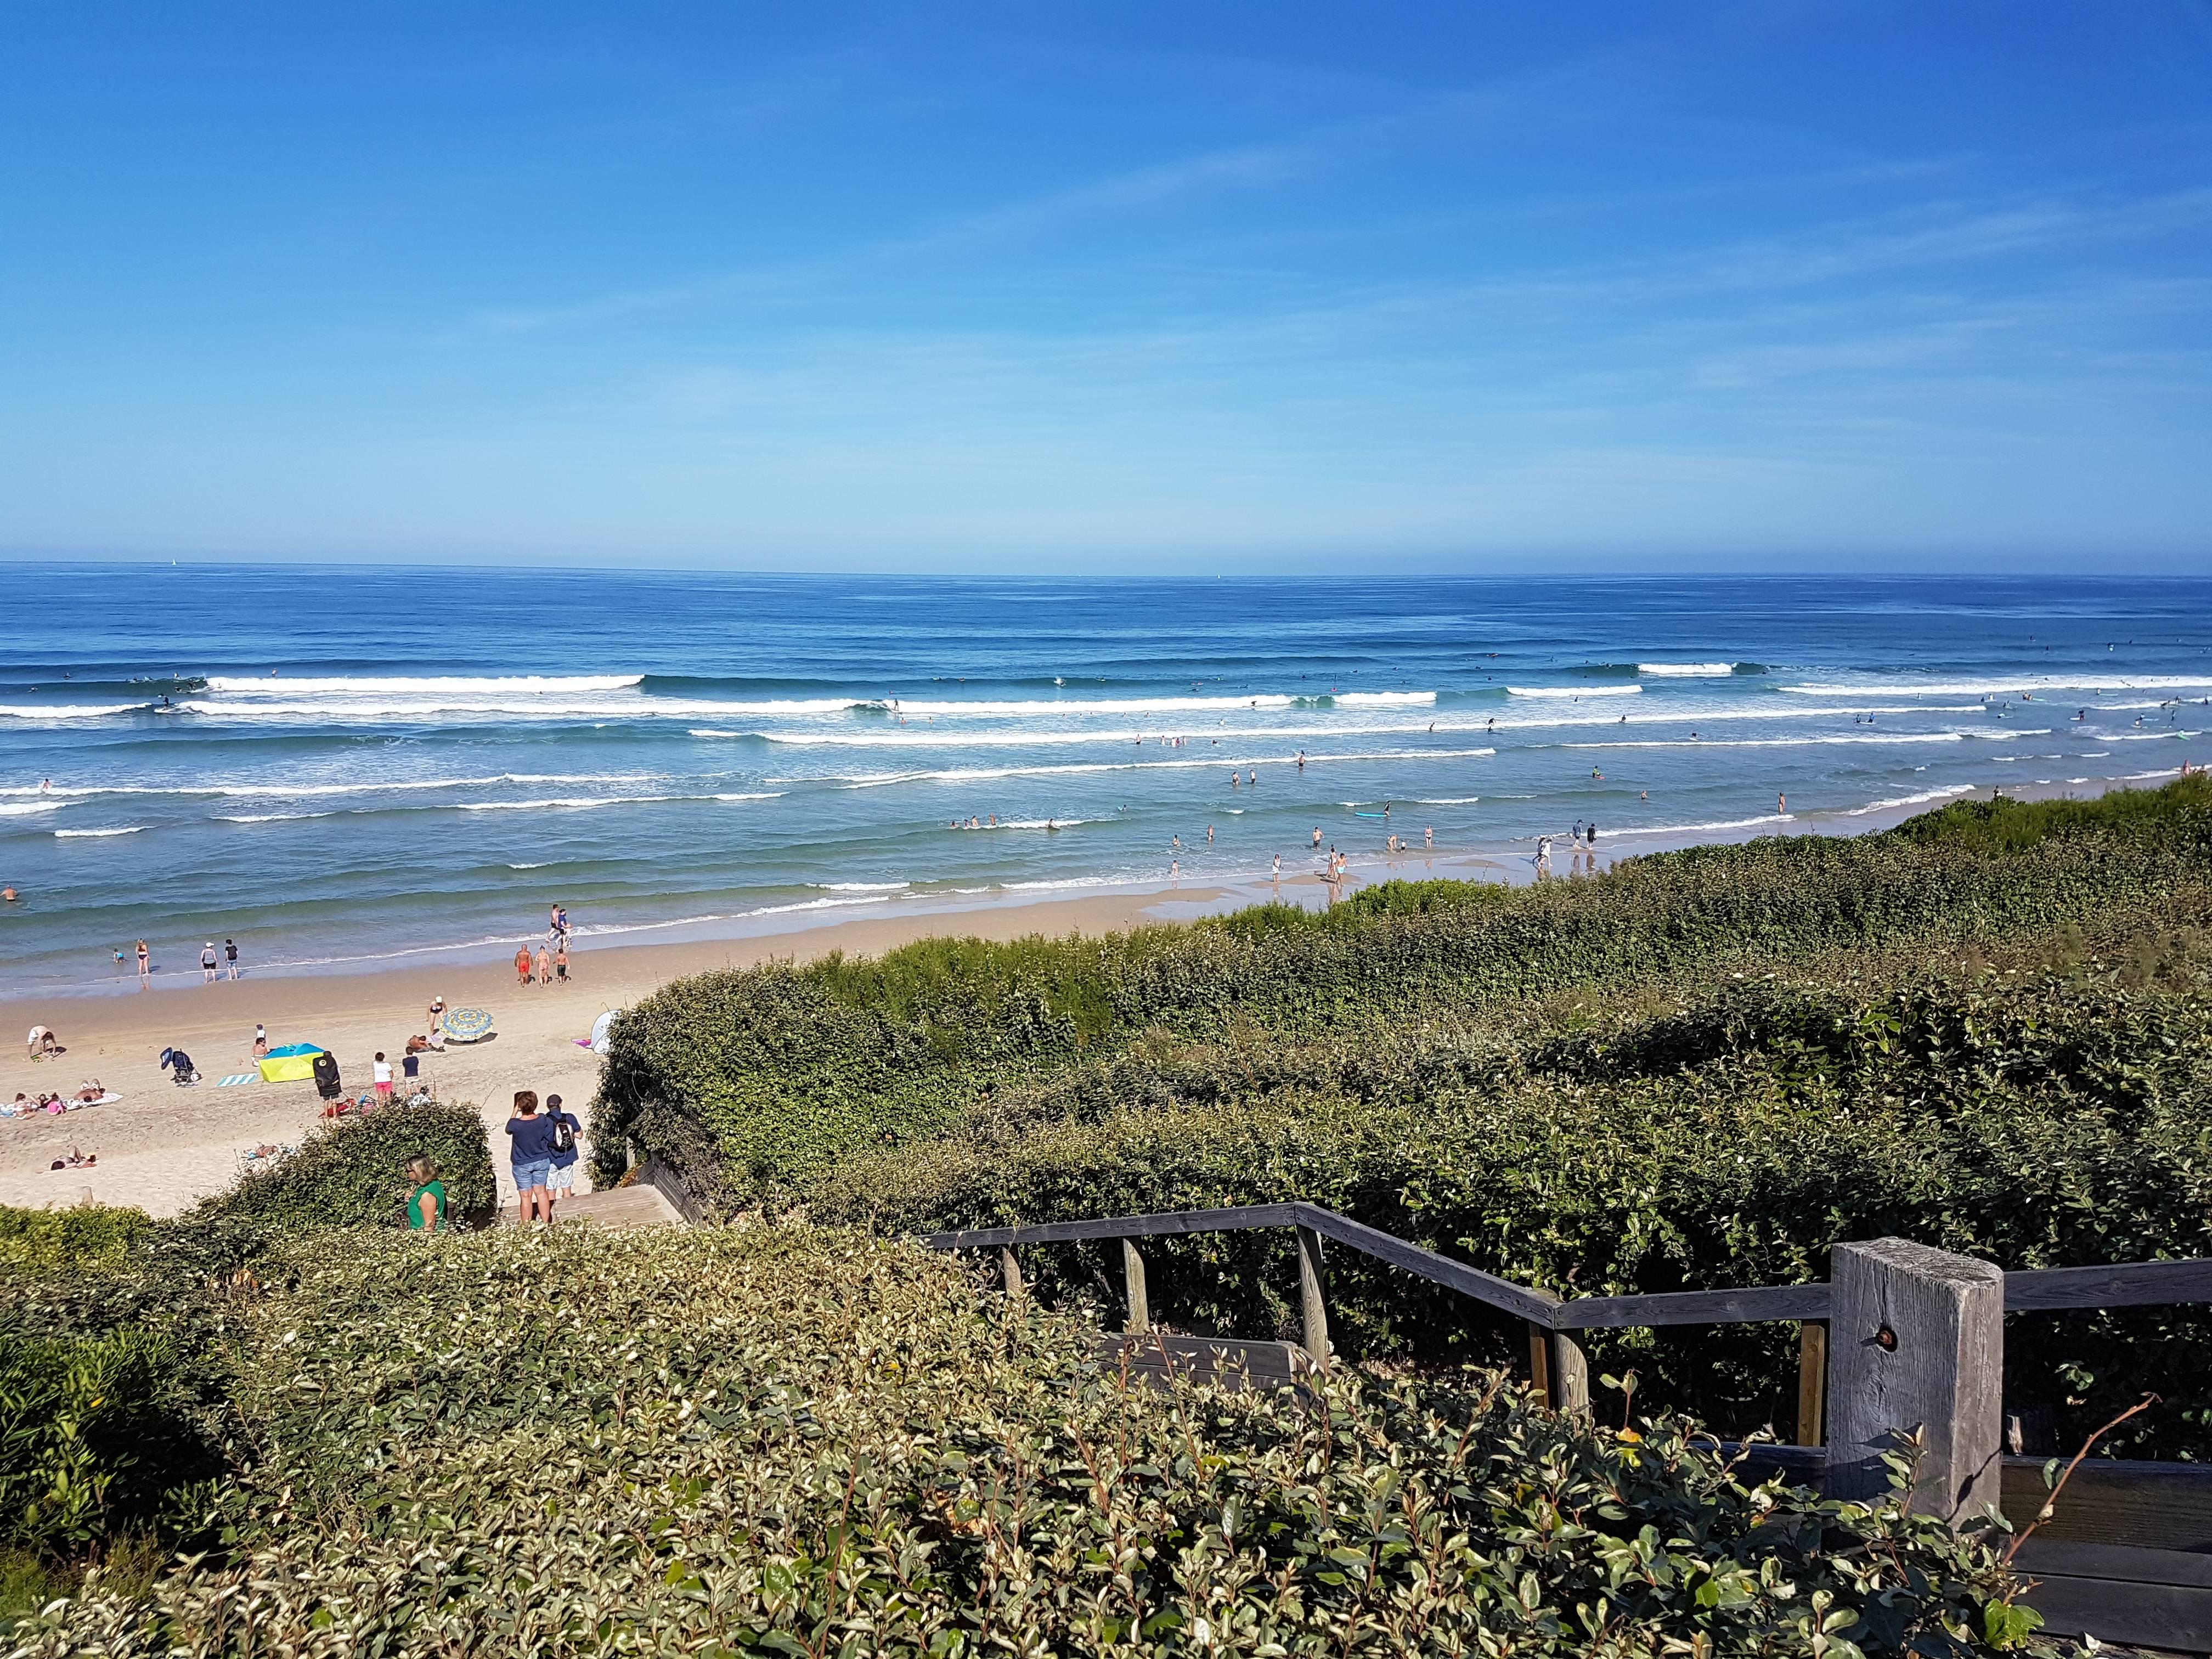 Photo 2: Bisca et l'océan